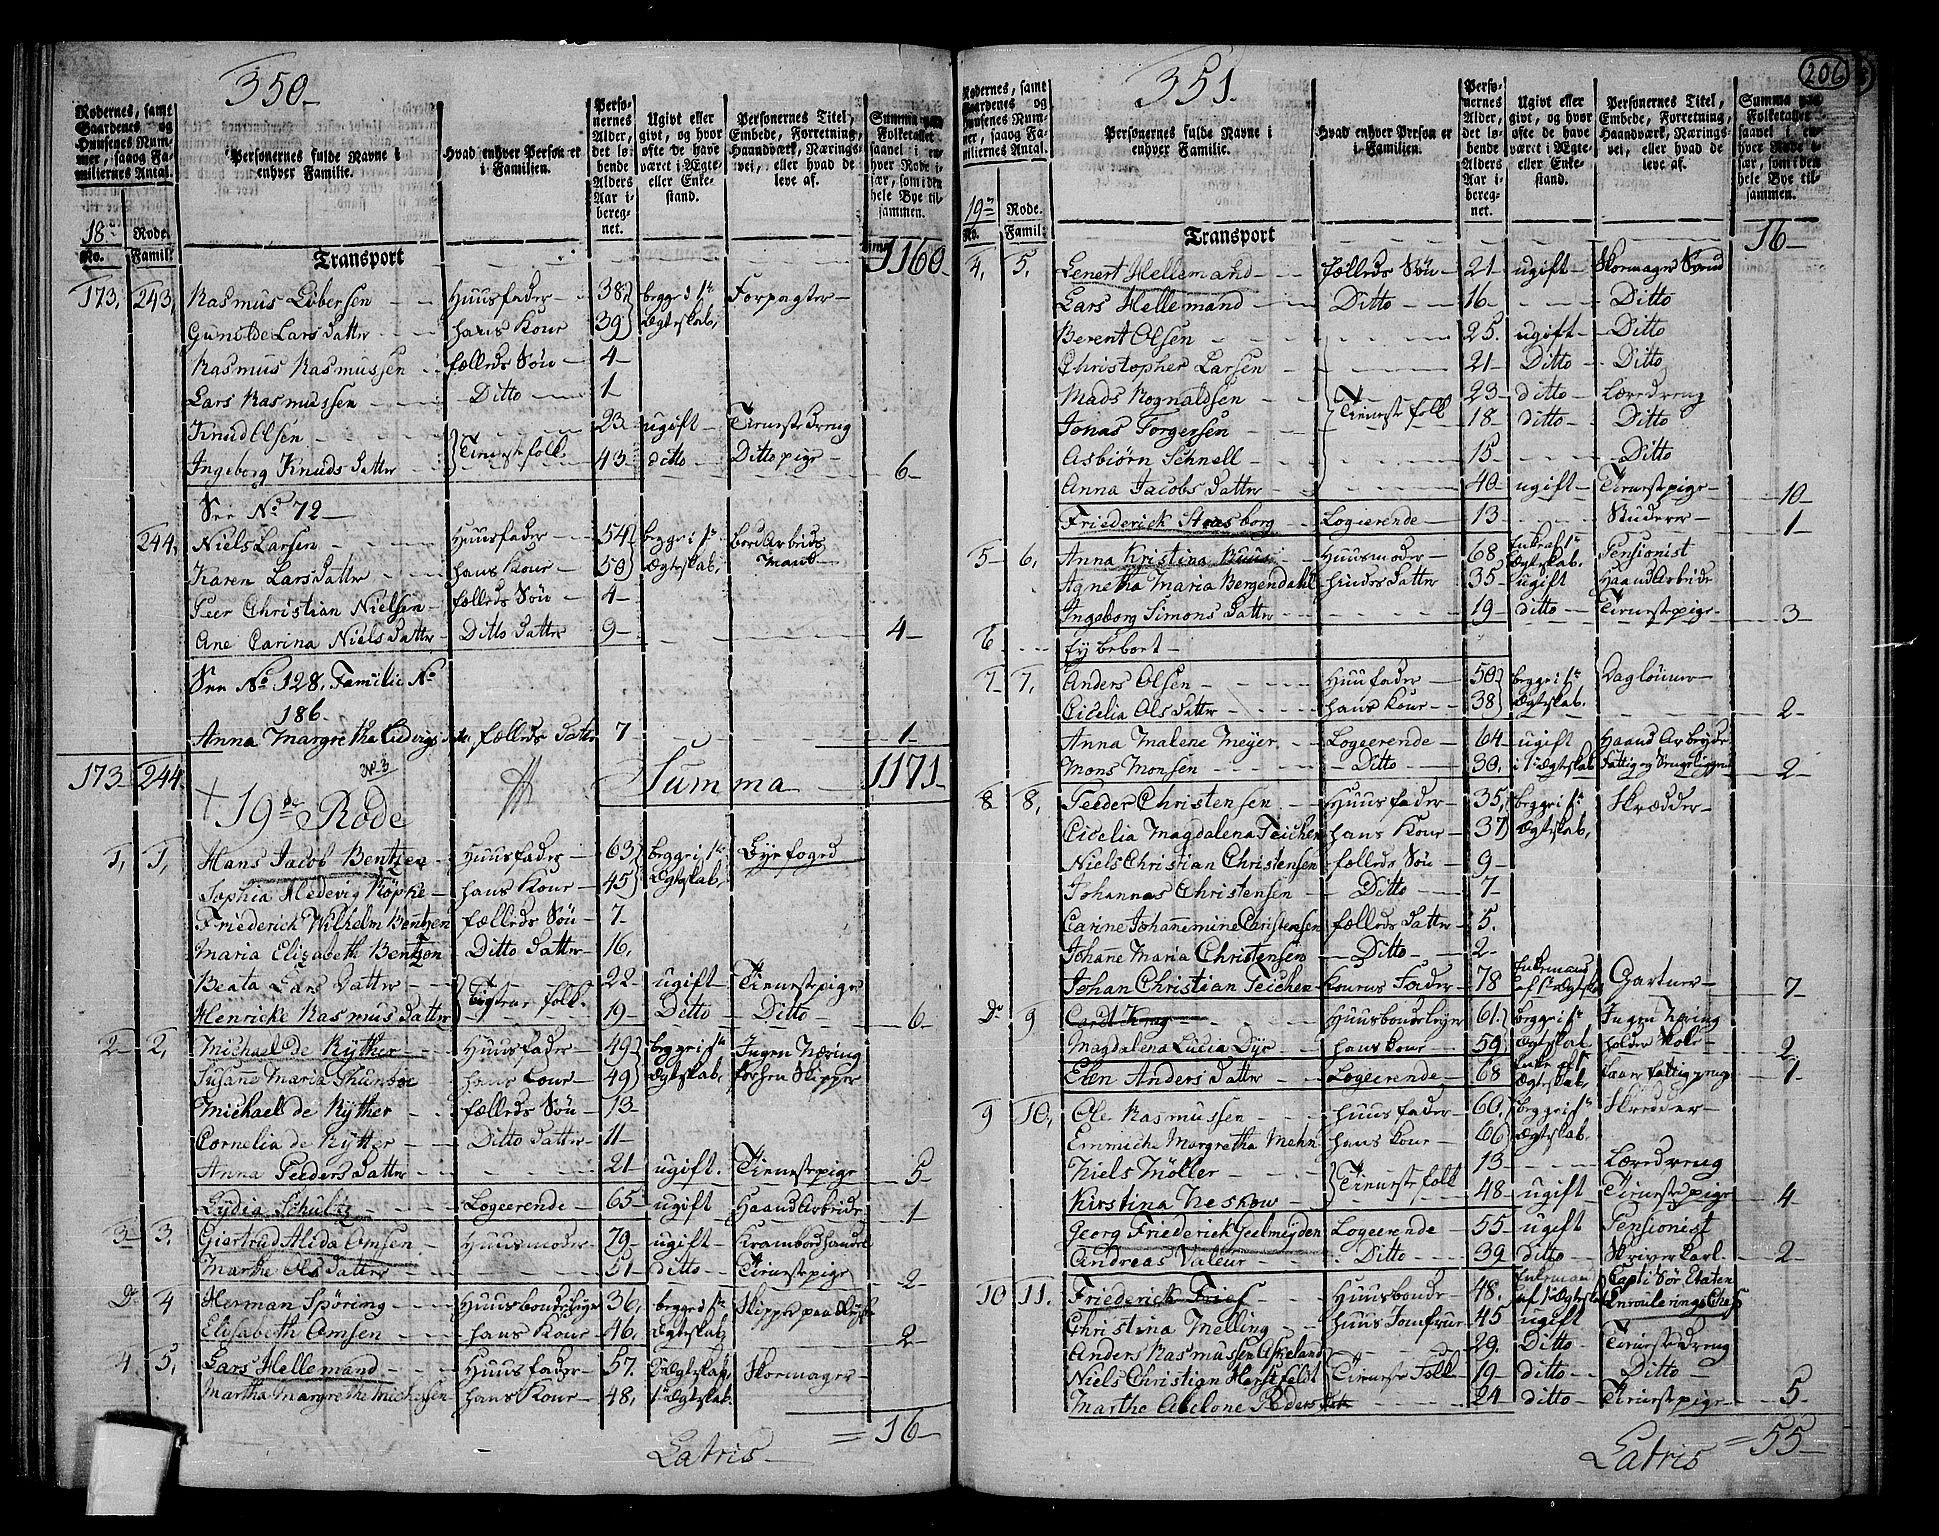 RA, Folketelling 1801 for 1301 Bergen kjøpstad, 1801, s. 205b-206a